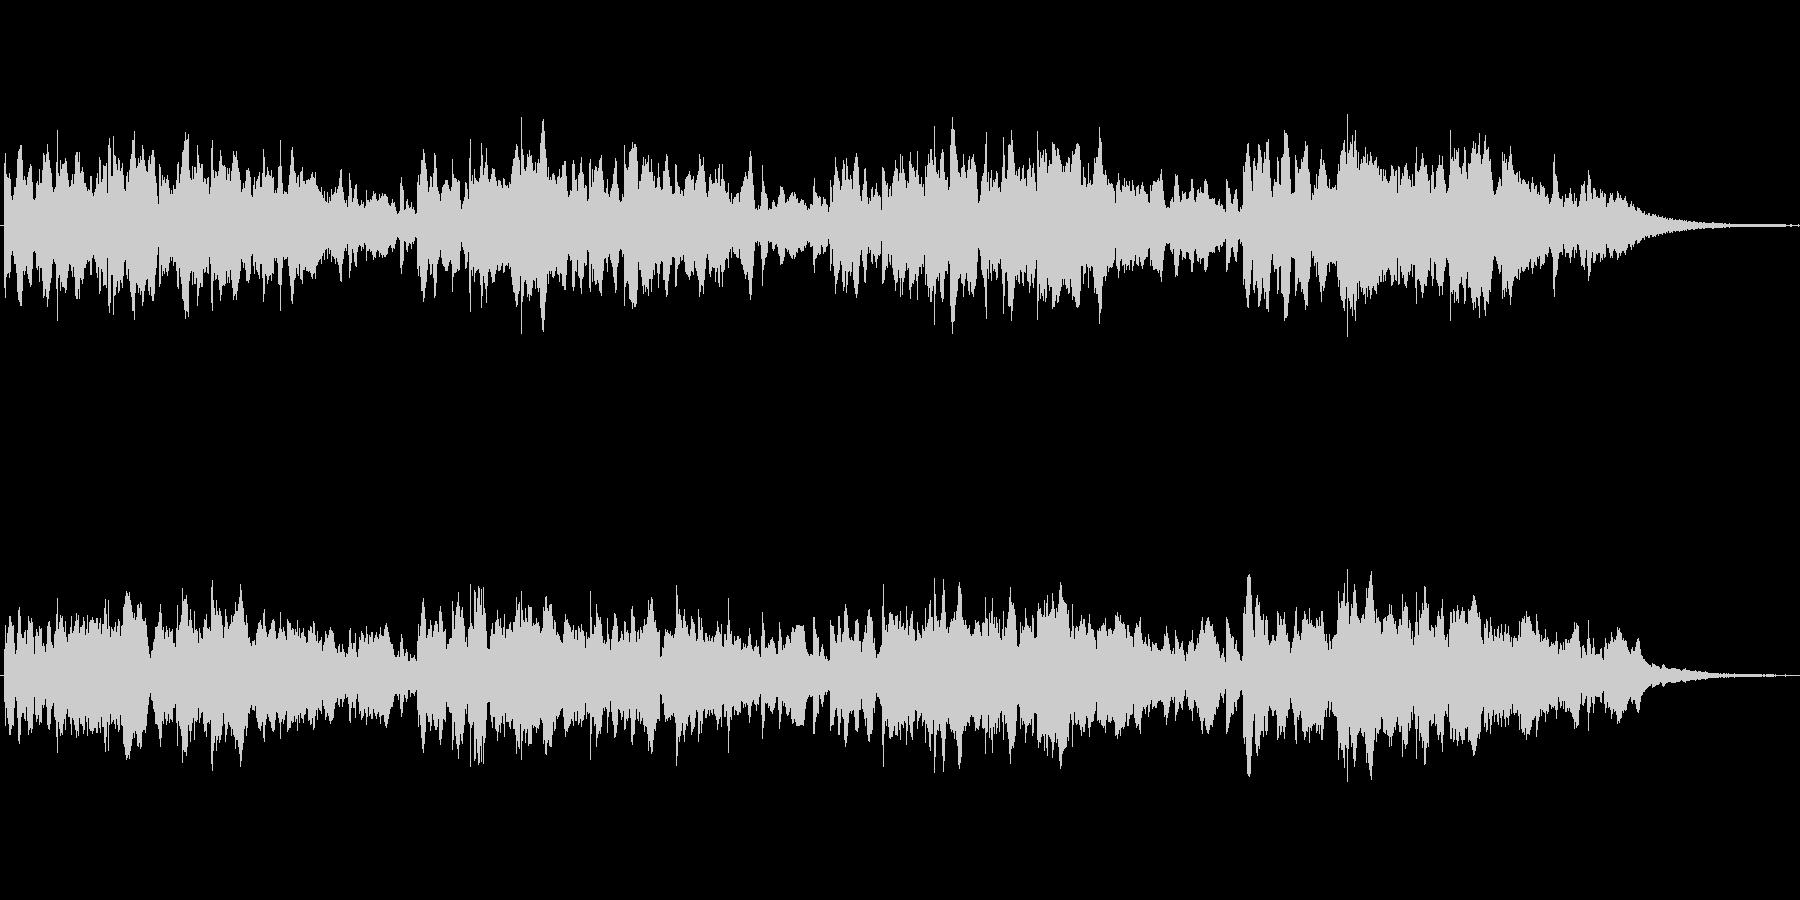 シンセによるメルヘンの世界的なジングル2の未再生の波形